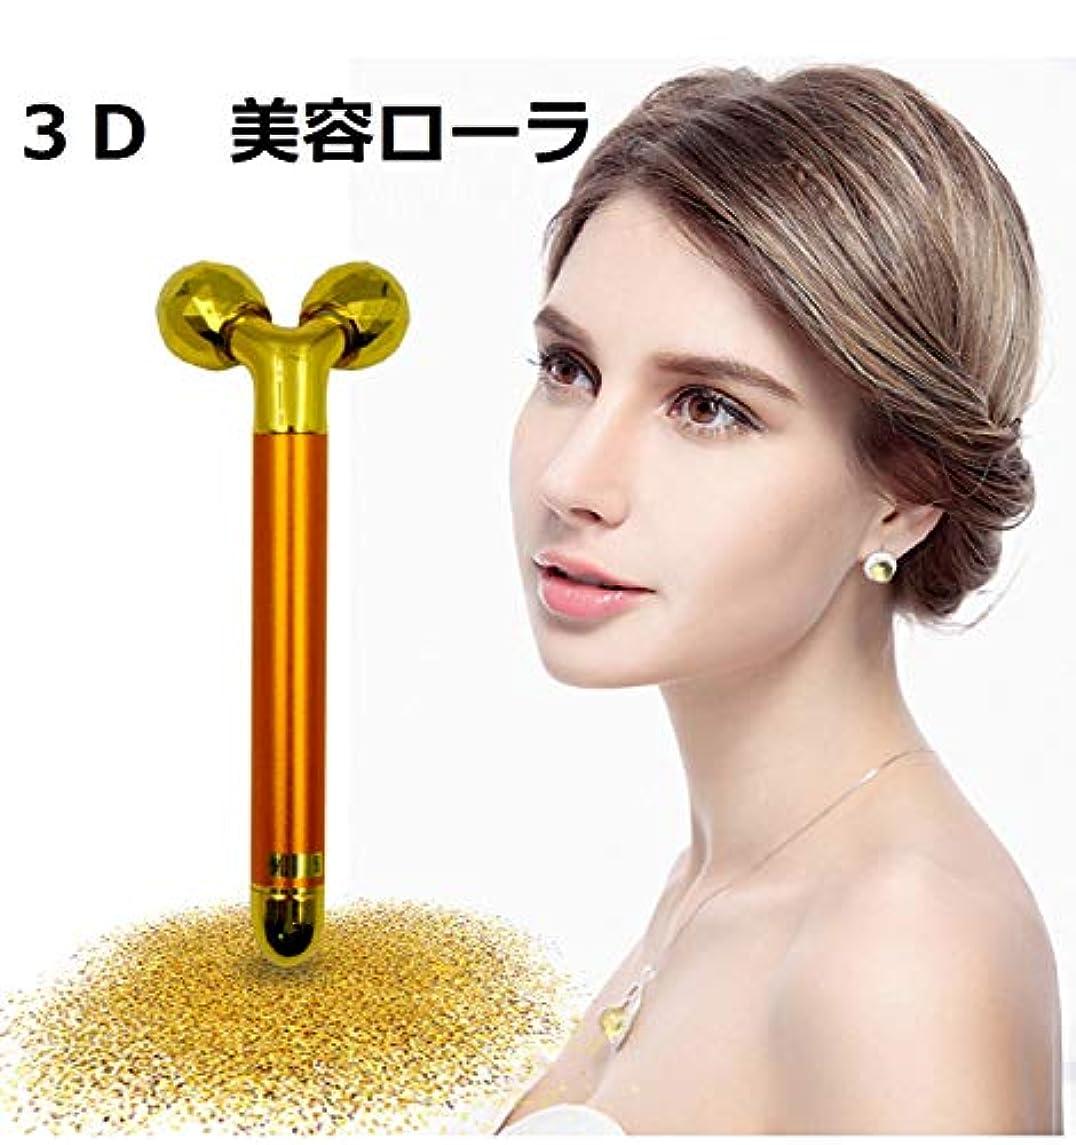 絶妙キルト三角美容ローラー 小顔ローラー 黄金棒 24K 3D 振動美容器 超音波美顔器 小顔 (ゴールド)